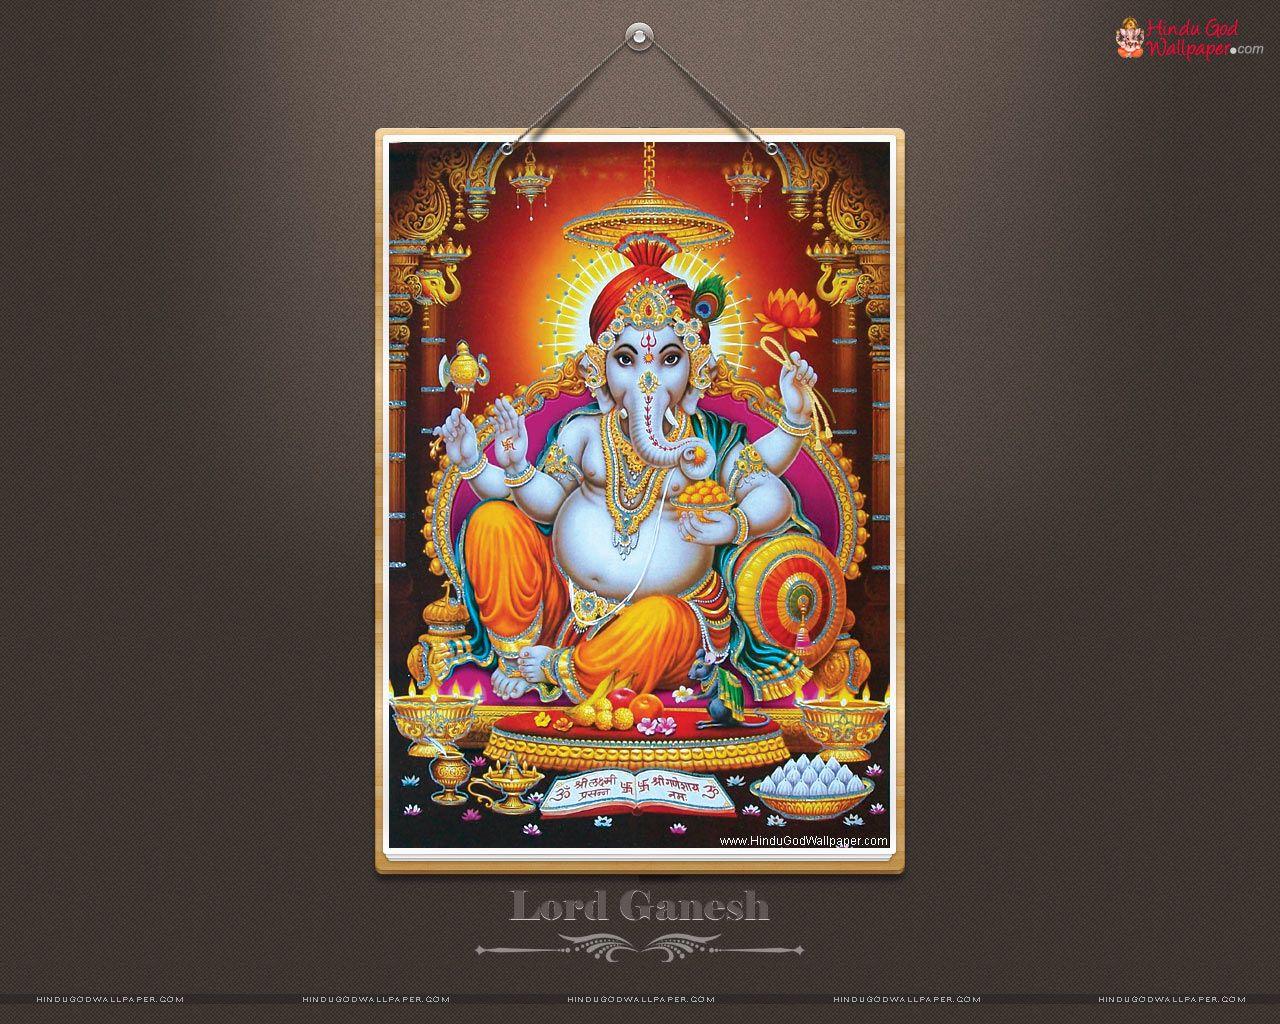 Hd wallpaper vinayagar - Lord Ganesha Hd Wallpapers Full Size Download